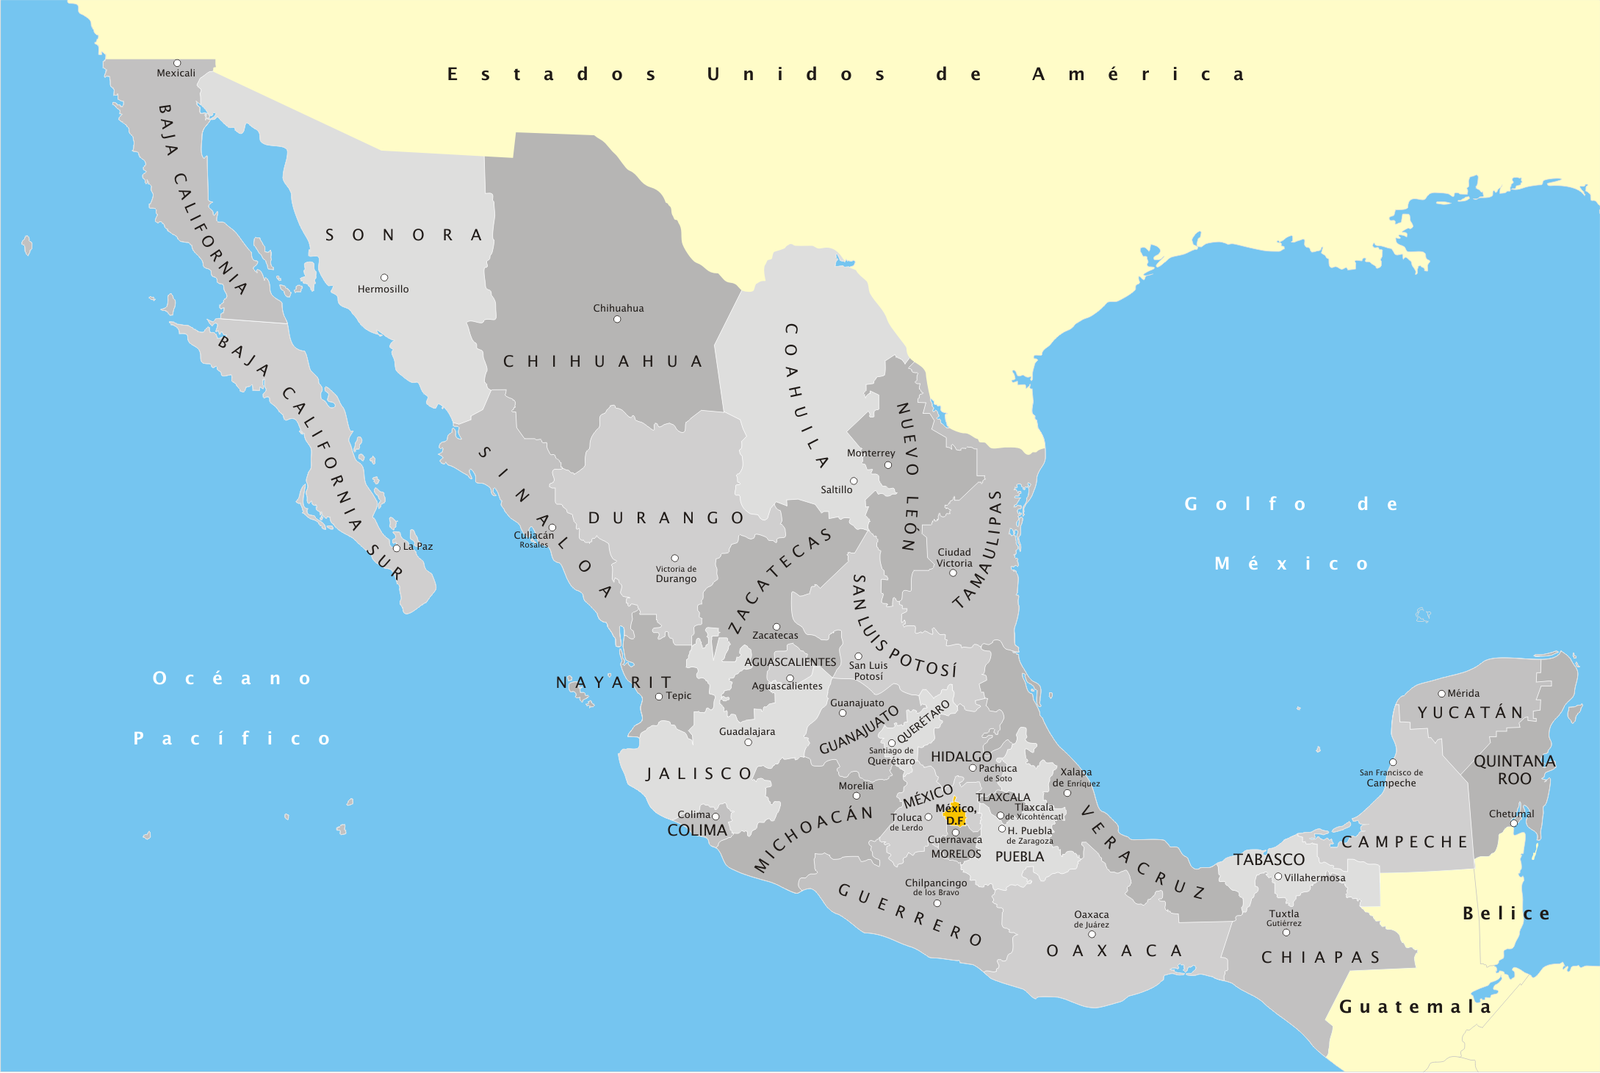 Harmonikas vivaldi t jatszik 203 - Mexik Tag Llamai